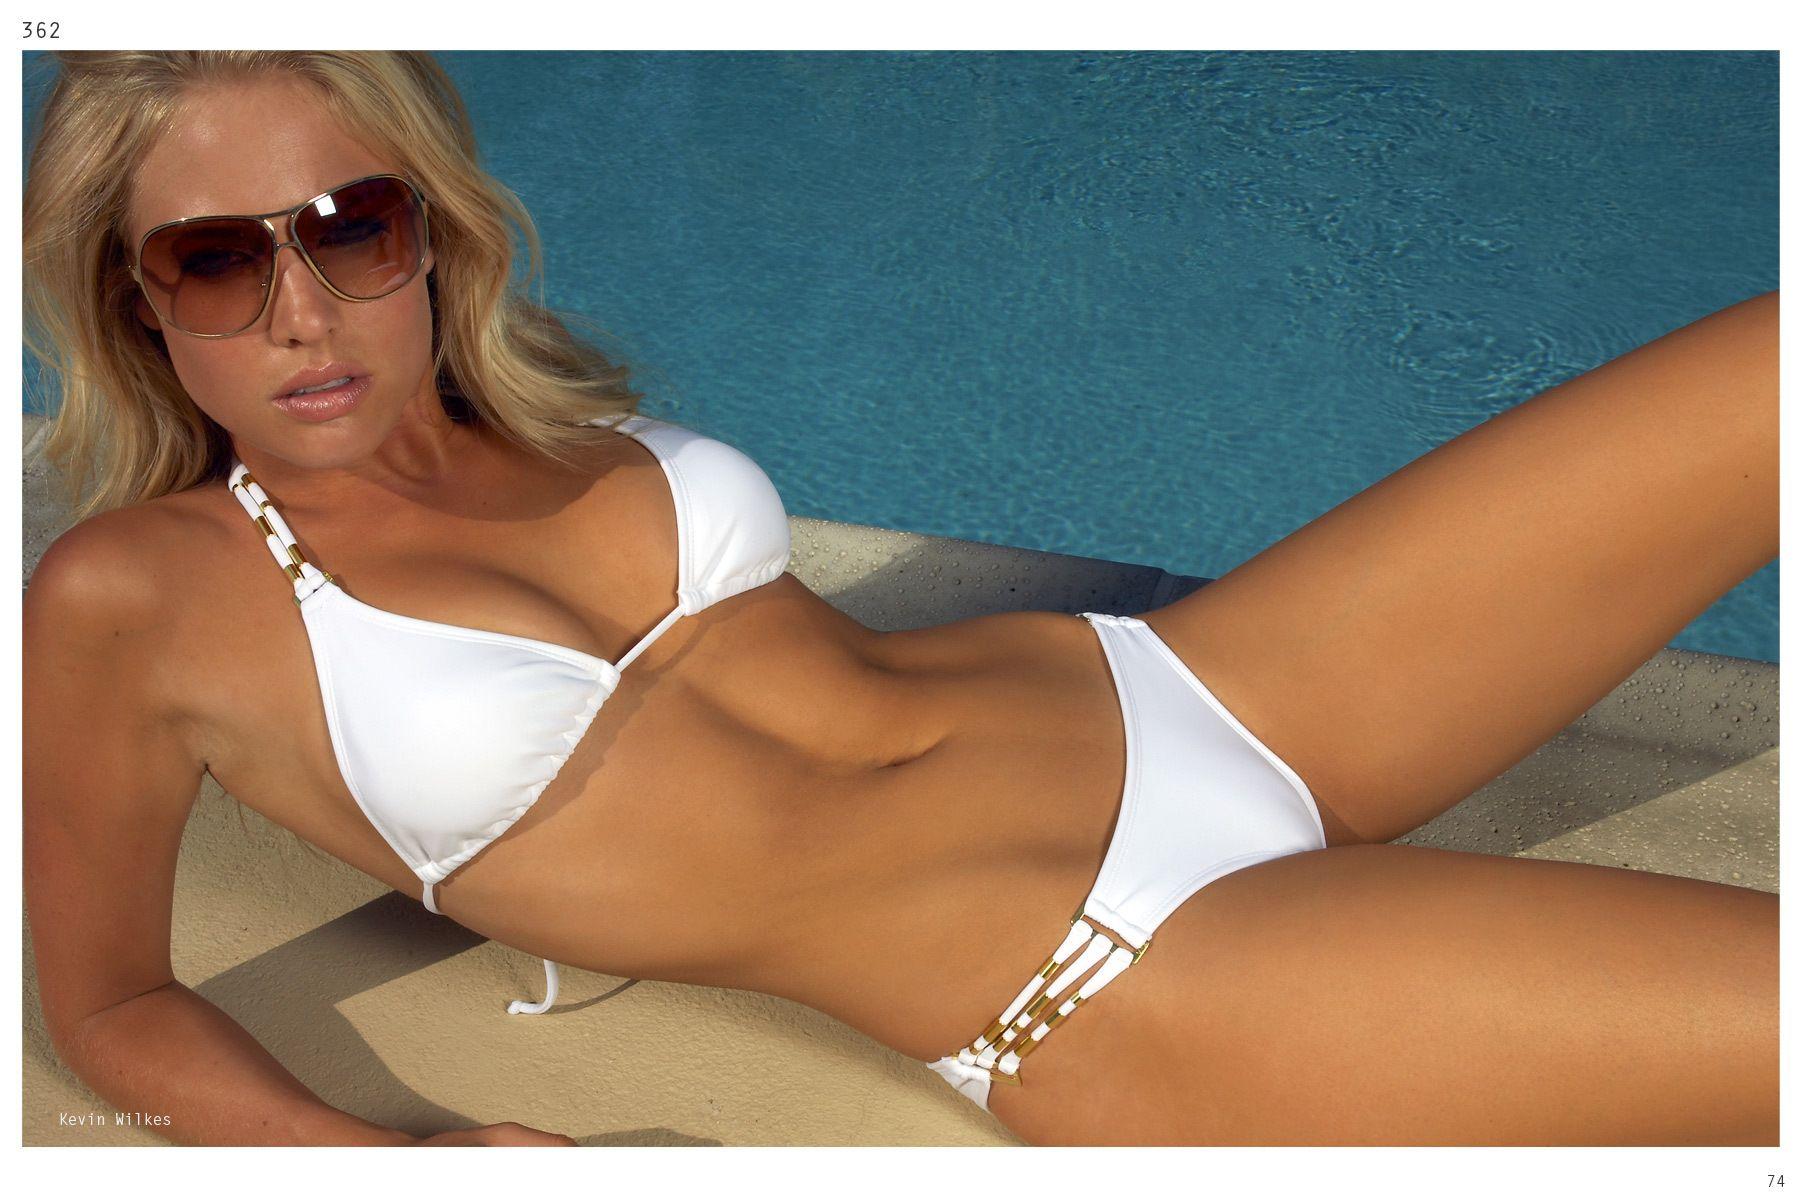 Sydney Wheeler. 362 Magazine. Vix Bikini.